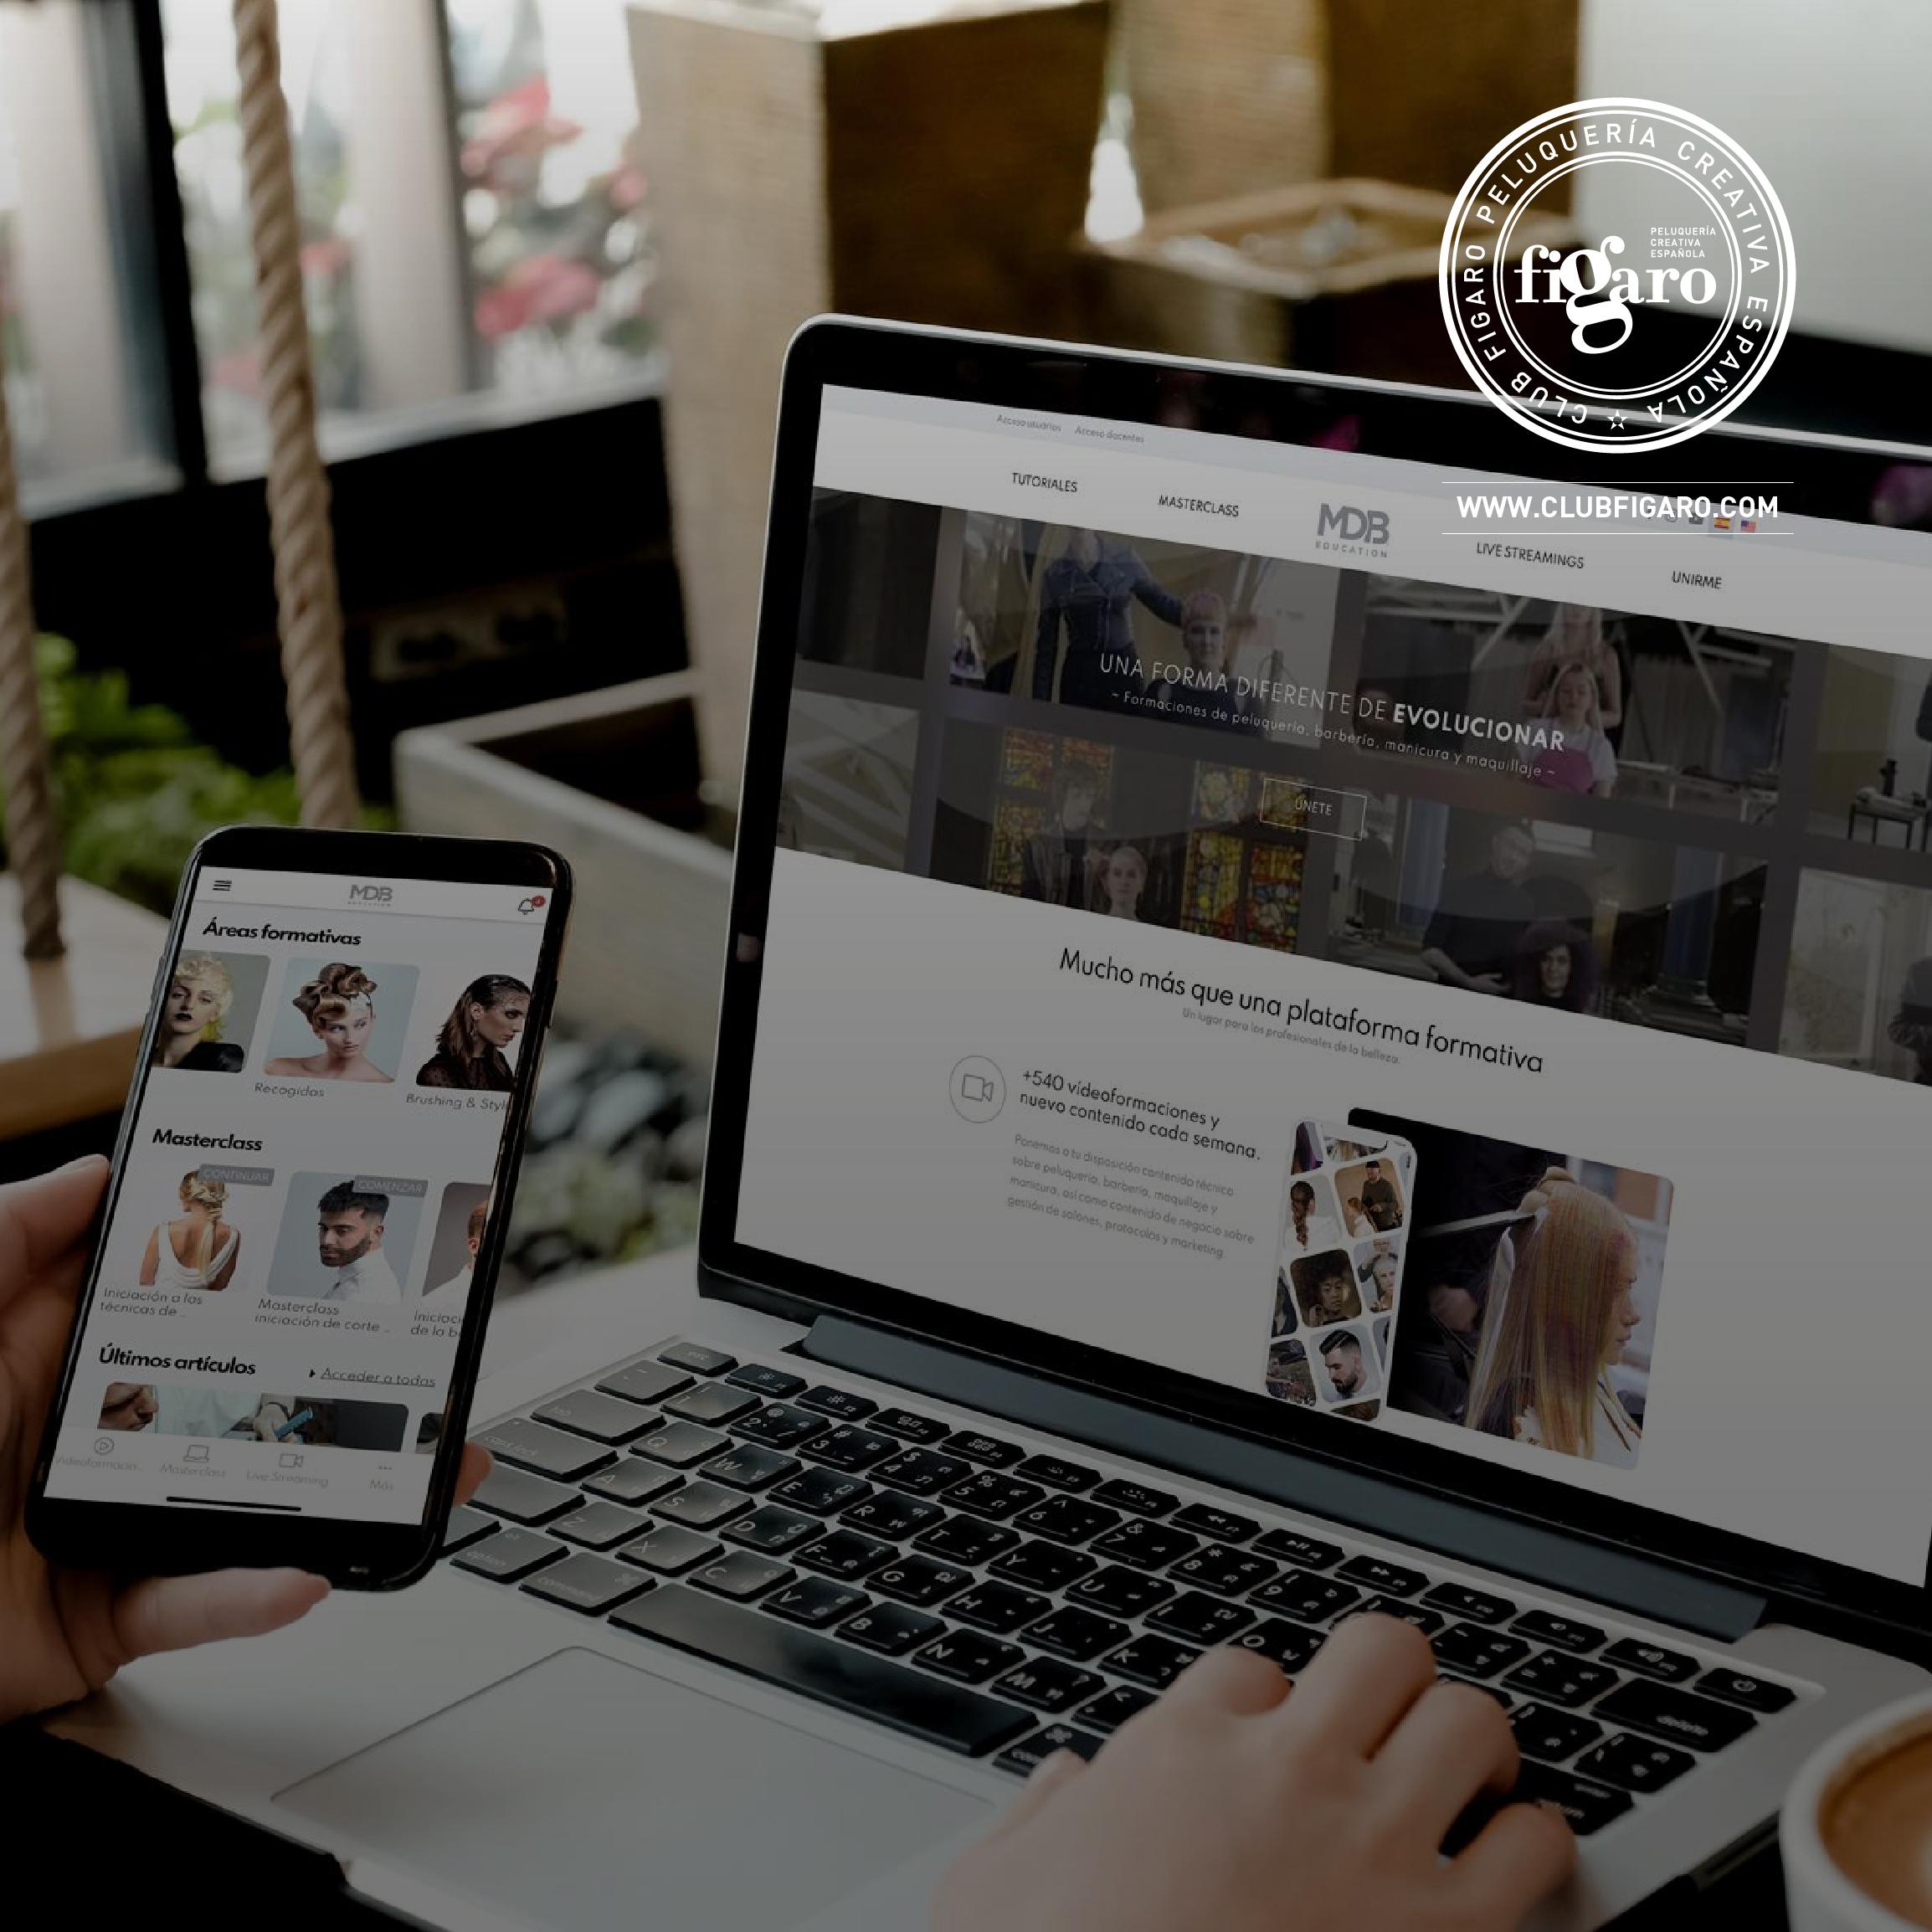 MDB Education, la prestigiosa firma de formación online, renueva su compromiso con Club Fígaro – Peluquería Creativa Española